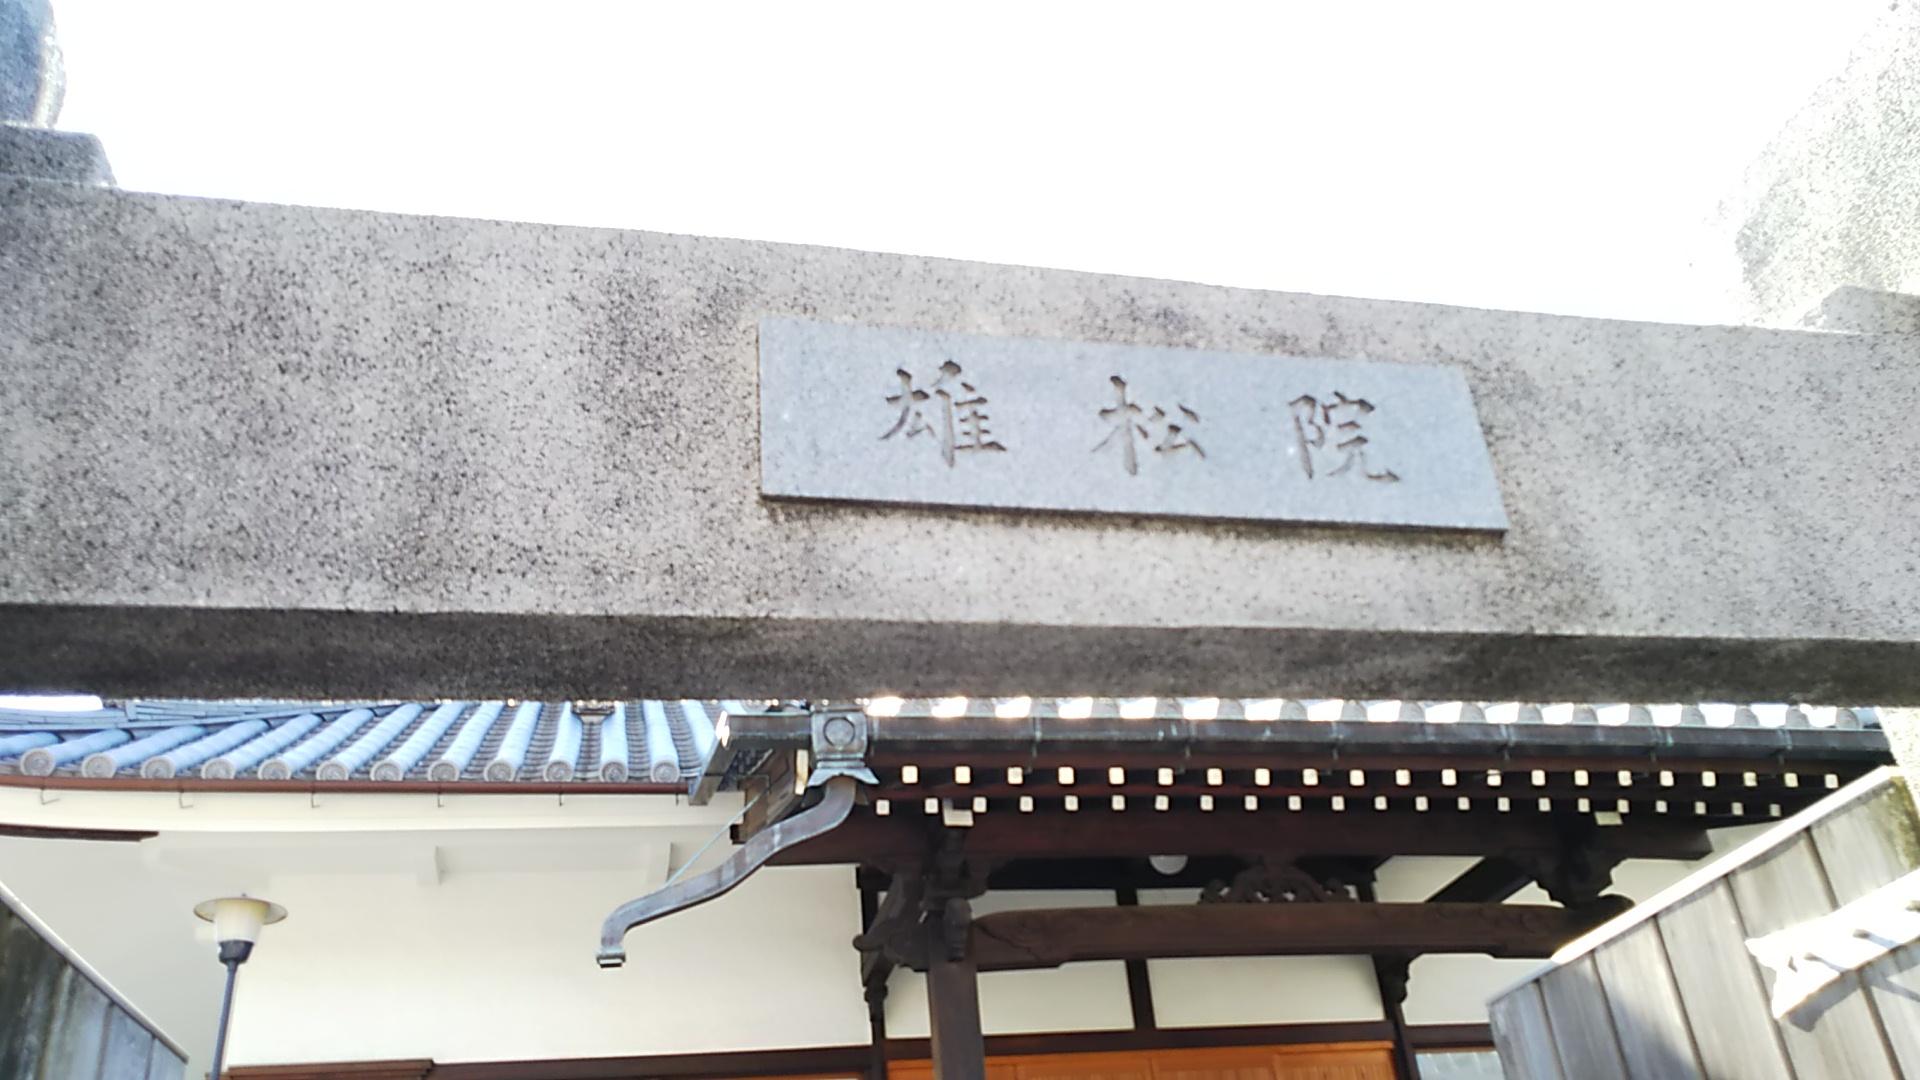 雄松院の文字